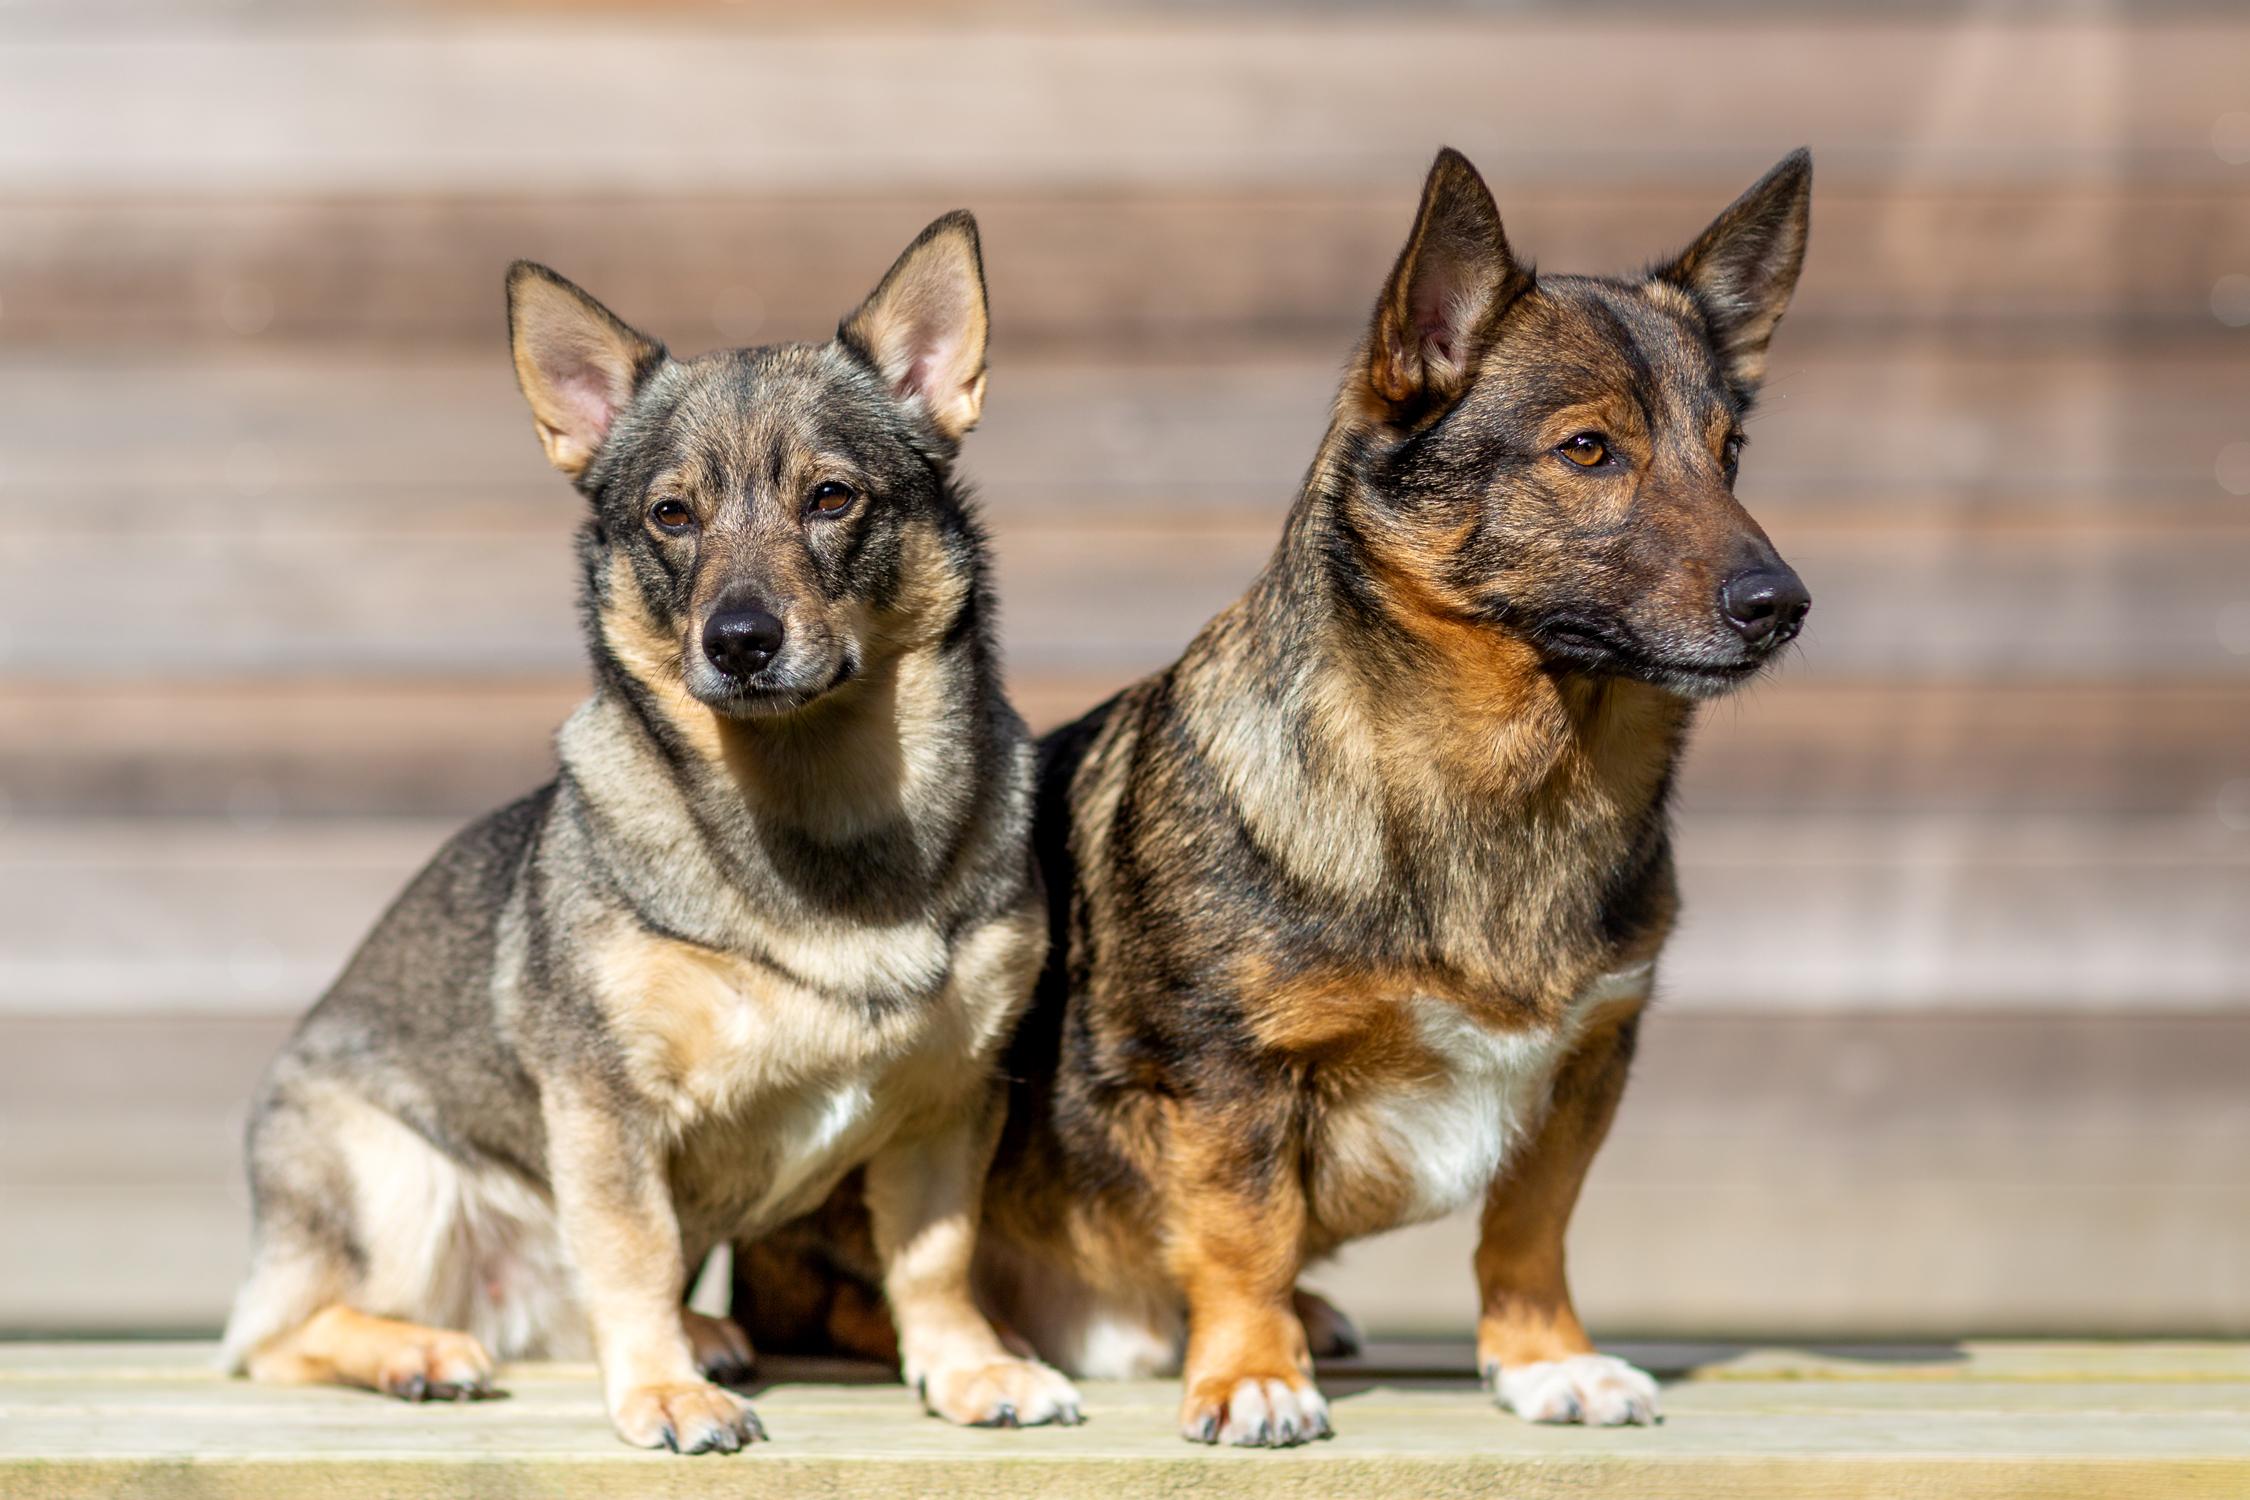 Sex hundar är nu utsedda att bli frimärksmotiv | PostNord